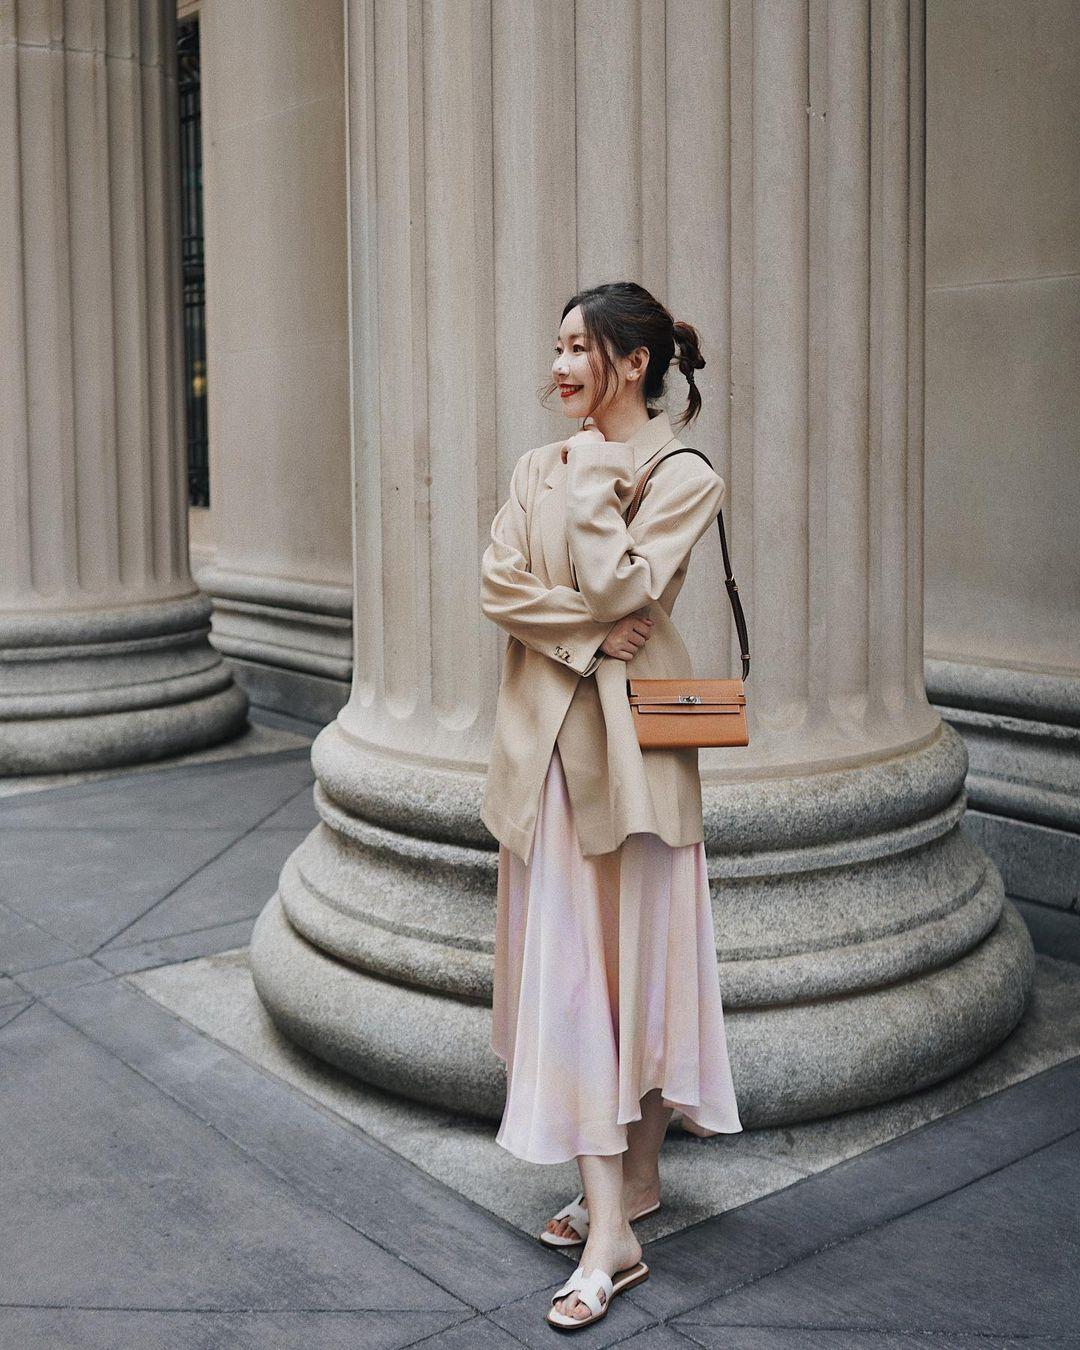 Chỉ với một kiểu blazer, nàng fashionista đã mix được cả chục set đồ xịn đẹp, thấy mà chẳng muốn shopping nhiều cho phí tiền - Ảnh 5.